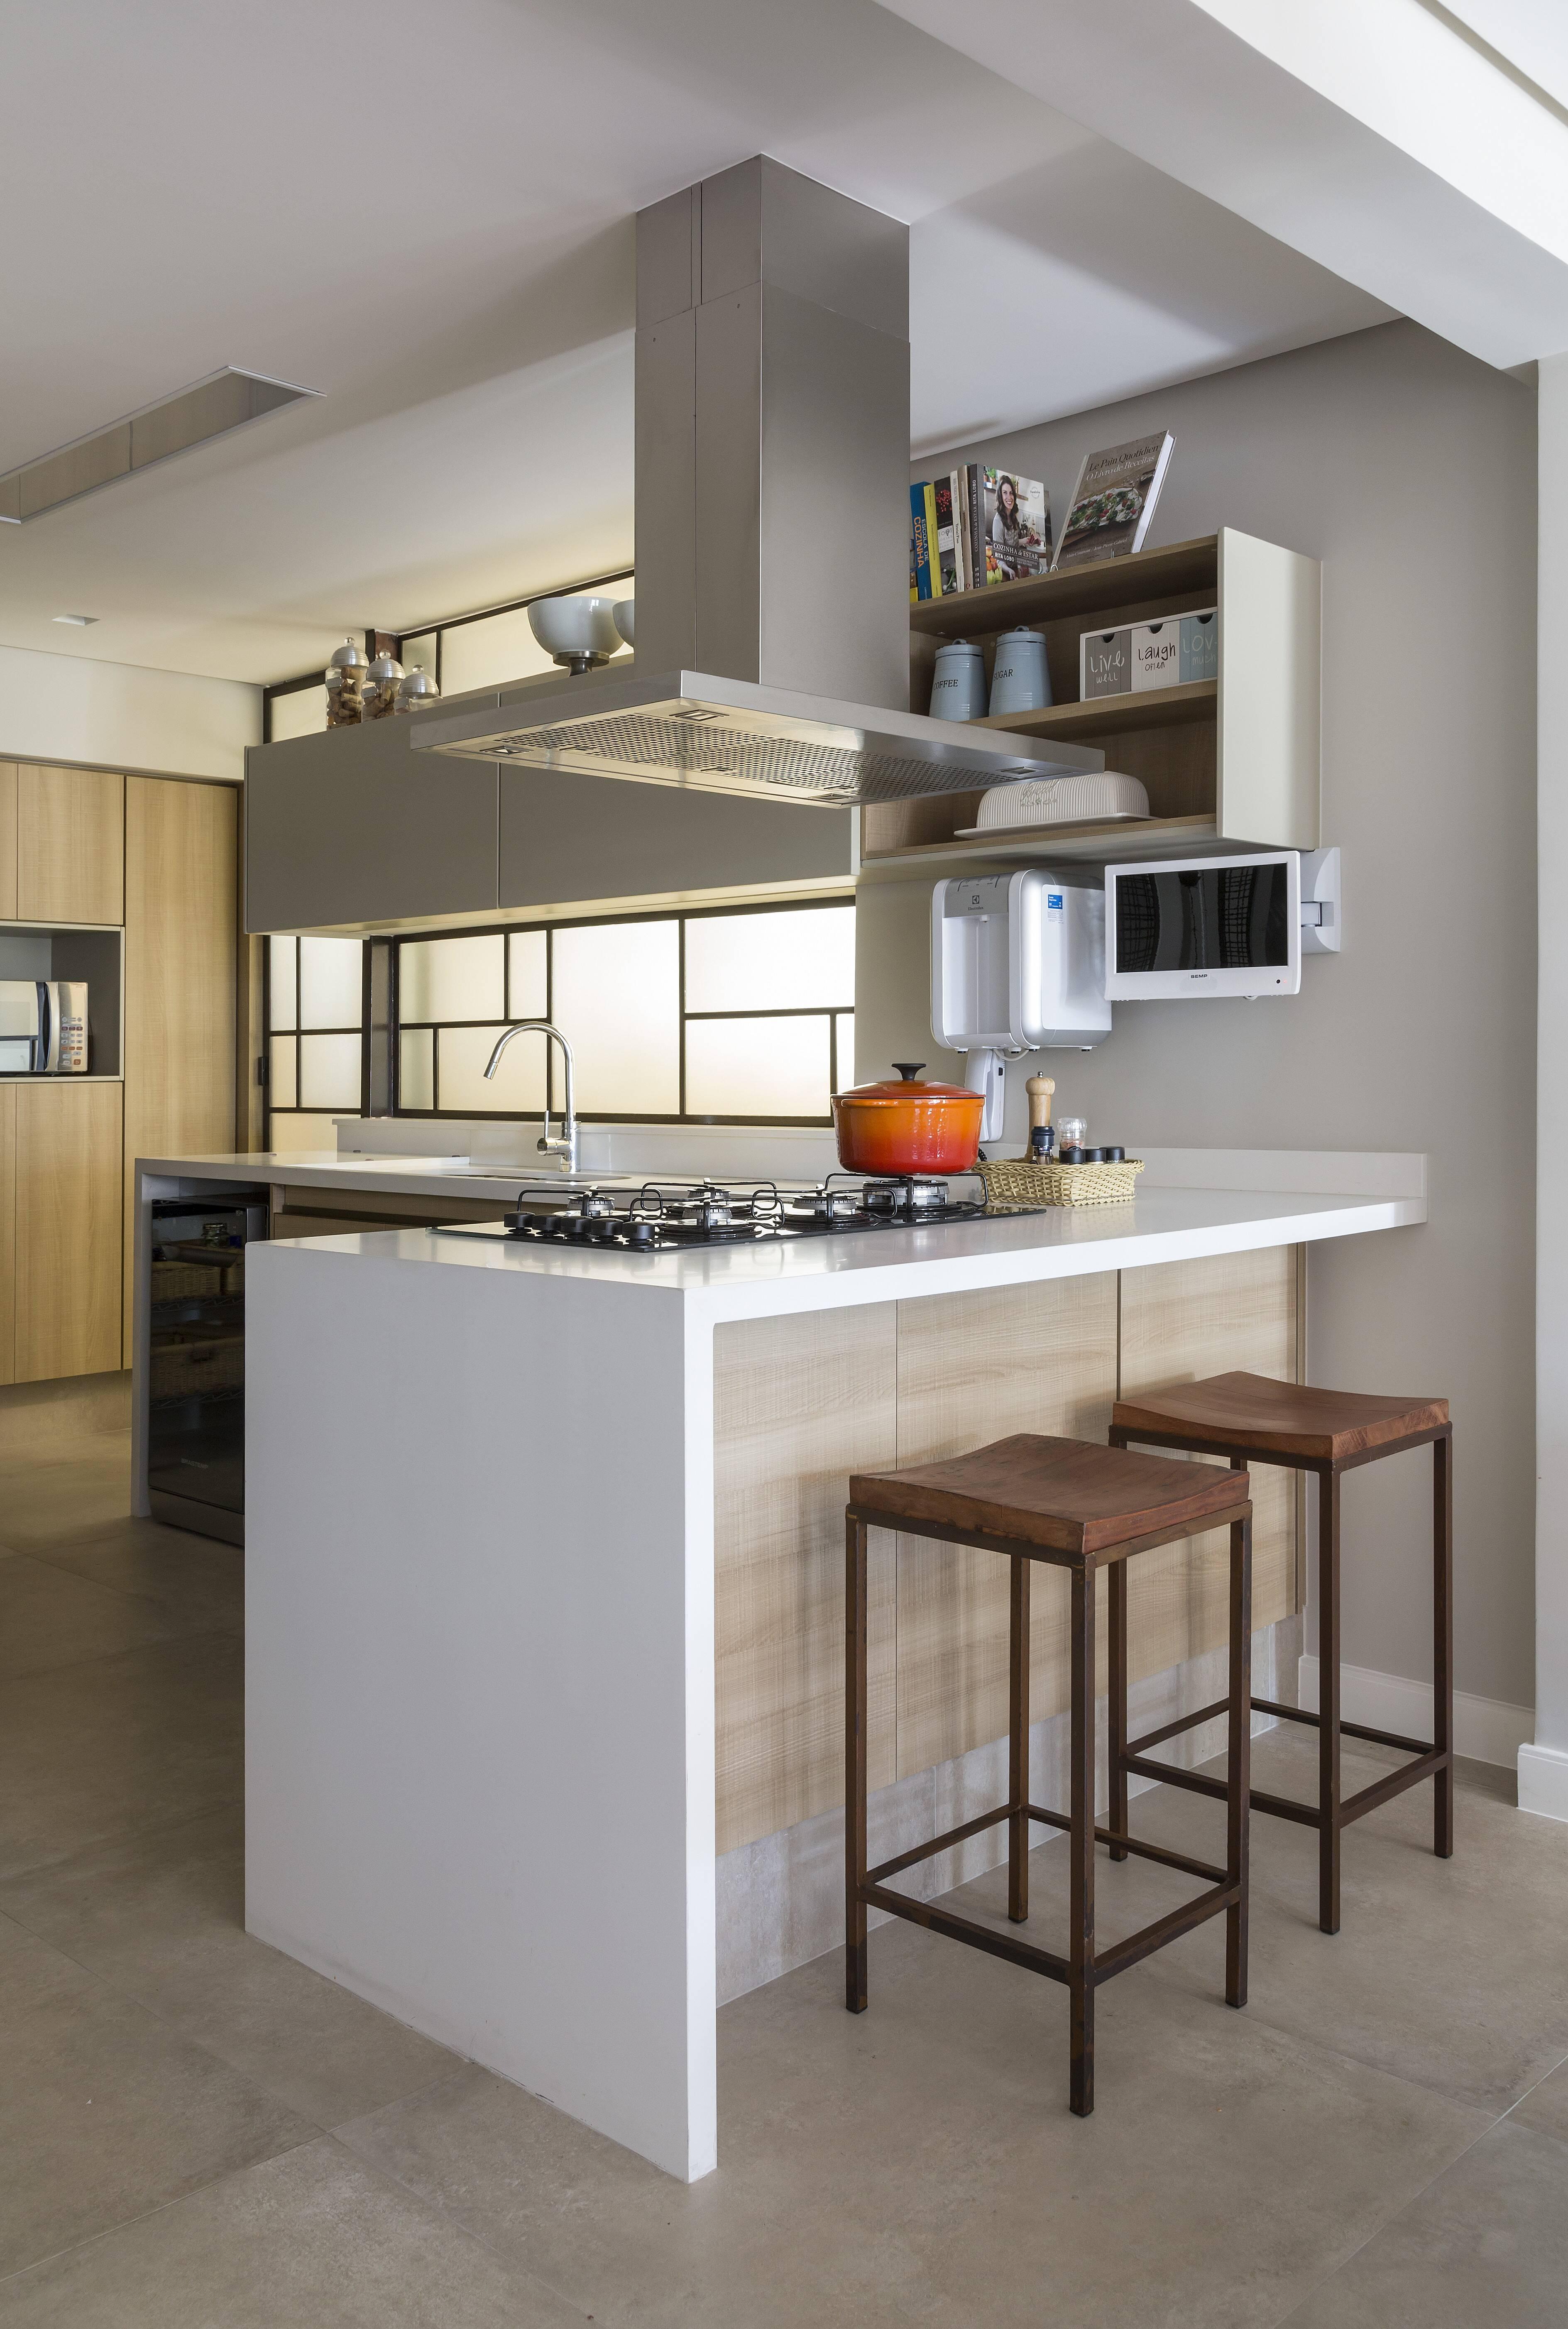 A bancada de cozinha é de quartzo, combinando com o branco dos gabinetes e em harmonia com a madeira clara.. Foto: Ana Yoshida Arquitetura e Interiores/Evelyn Müller